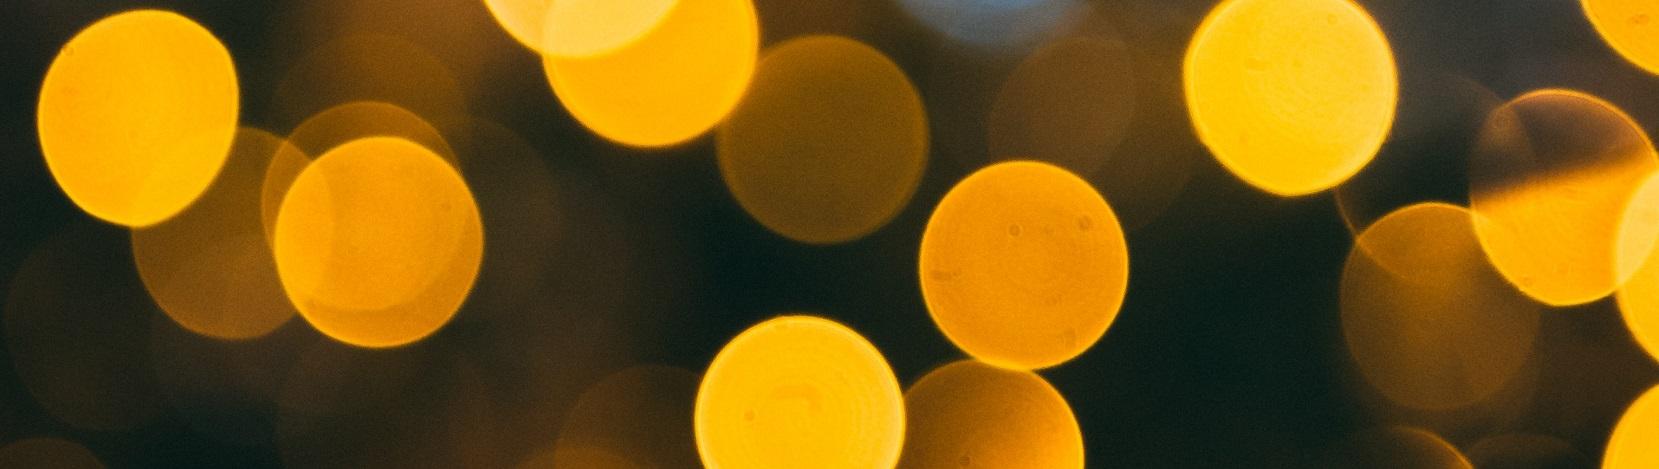 EUREL Goldmedaille für Schweizer Studierende – Electrosuisse